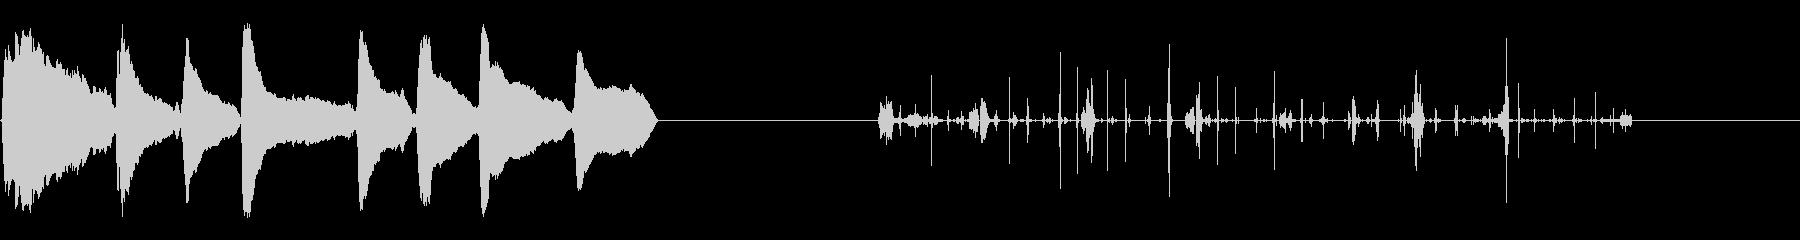 漫画-クレイジーキッド-2バージョンの未再生の波形